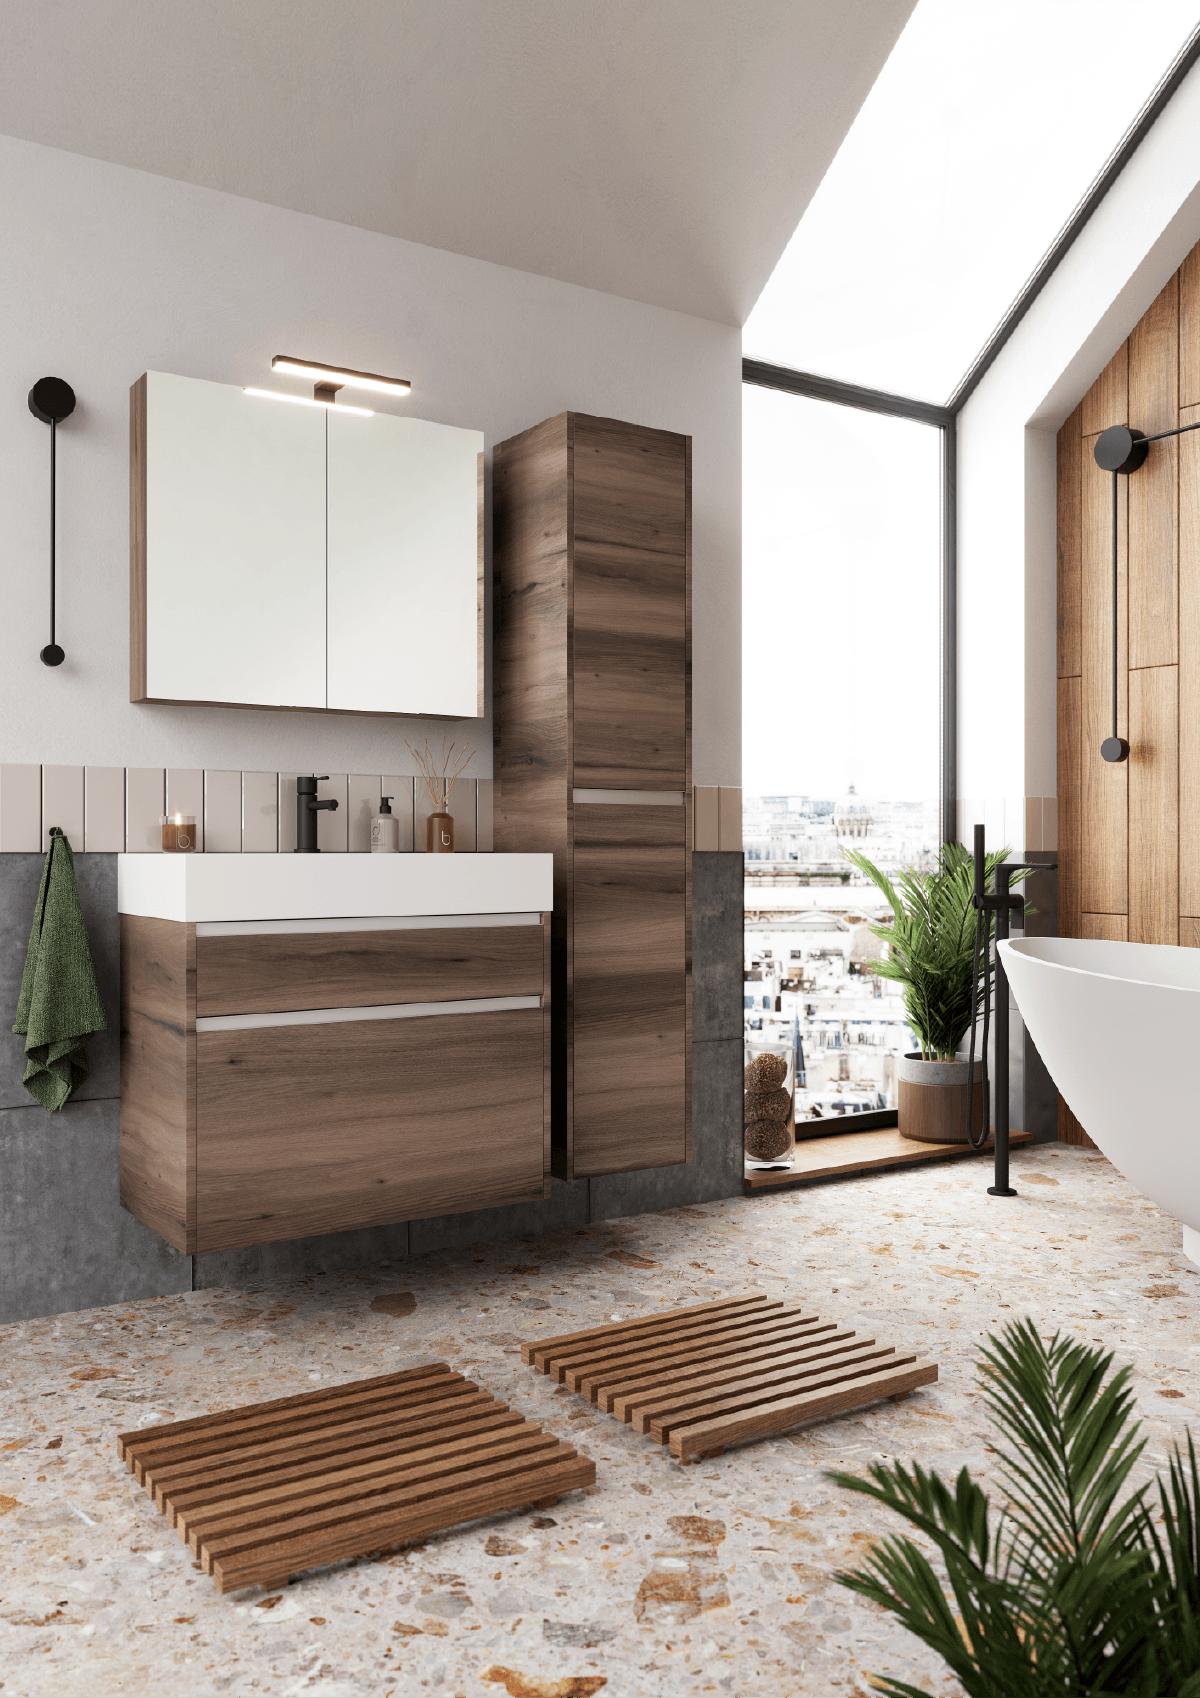 mijn-bad-in-stijl-blog-voor-iedere-woonstijl-een-badkamer-duurzaam-1